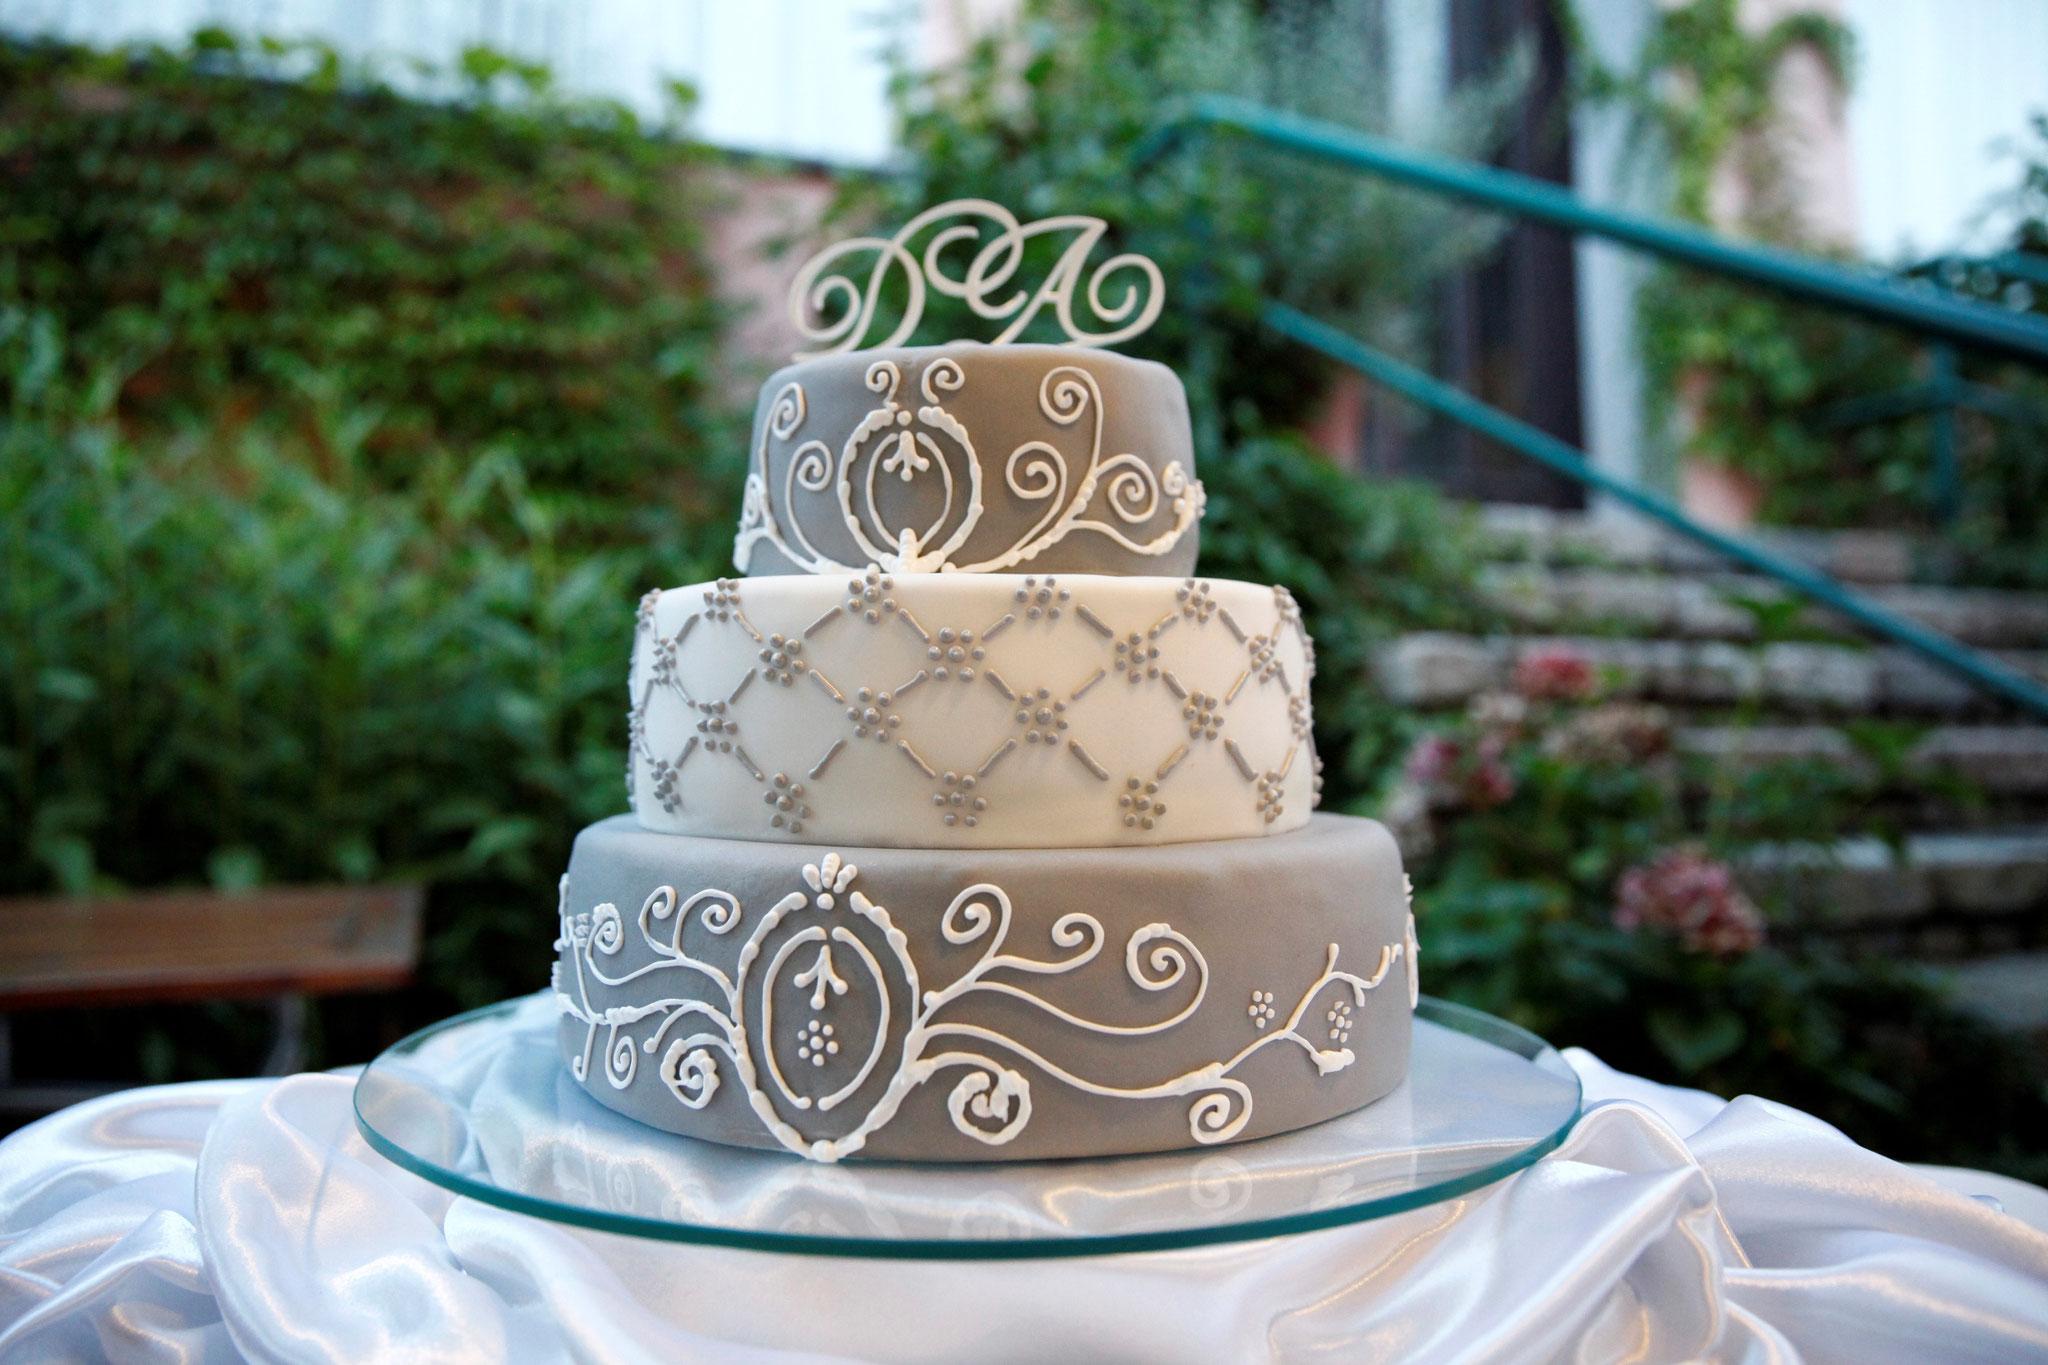 Traumhafte Hochzeitstorte